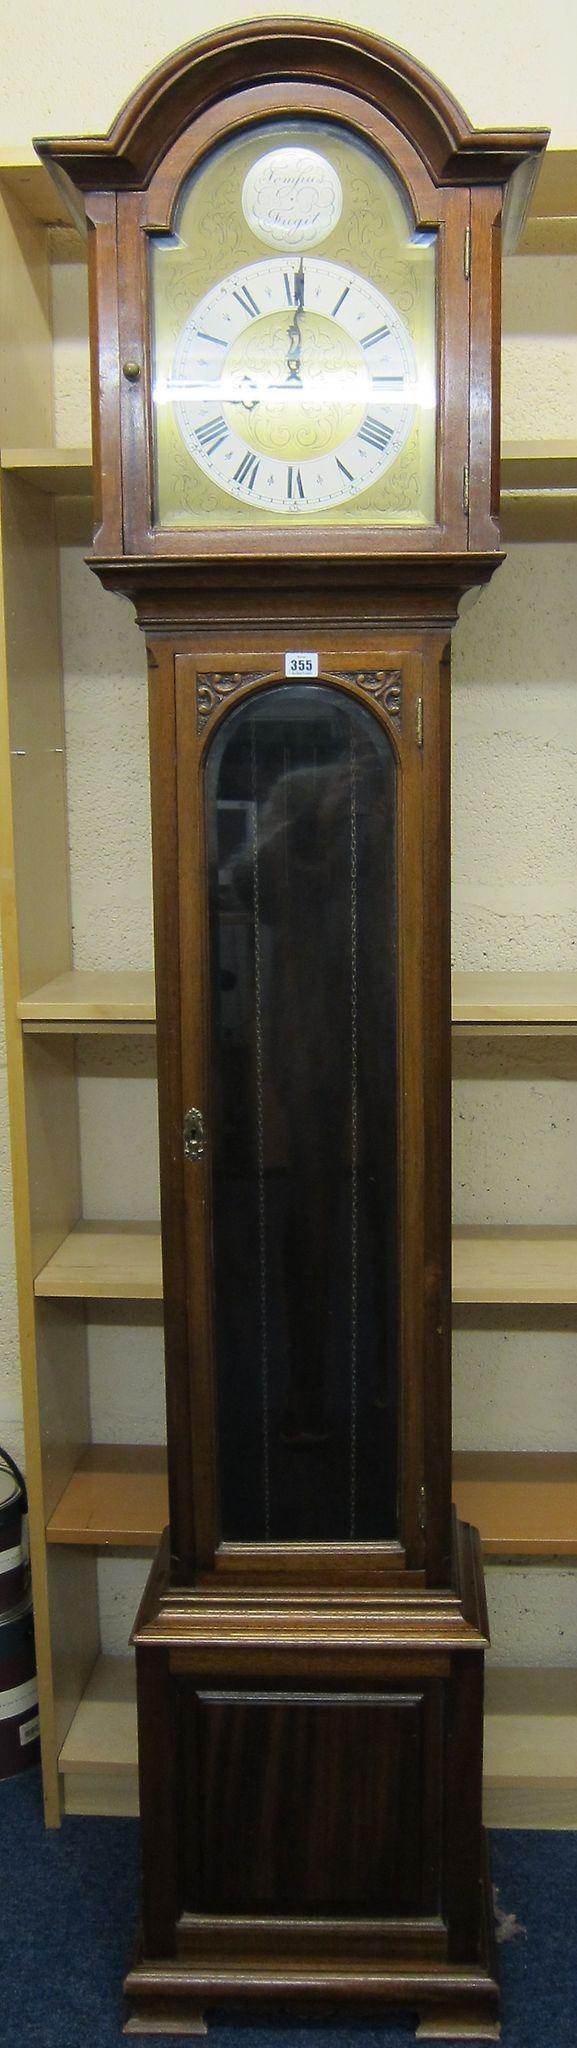 A mahogany longcase clock